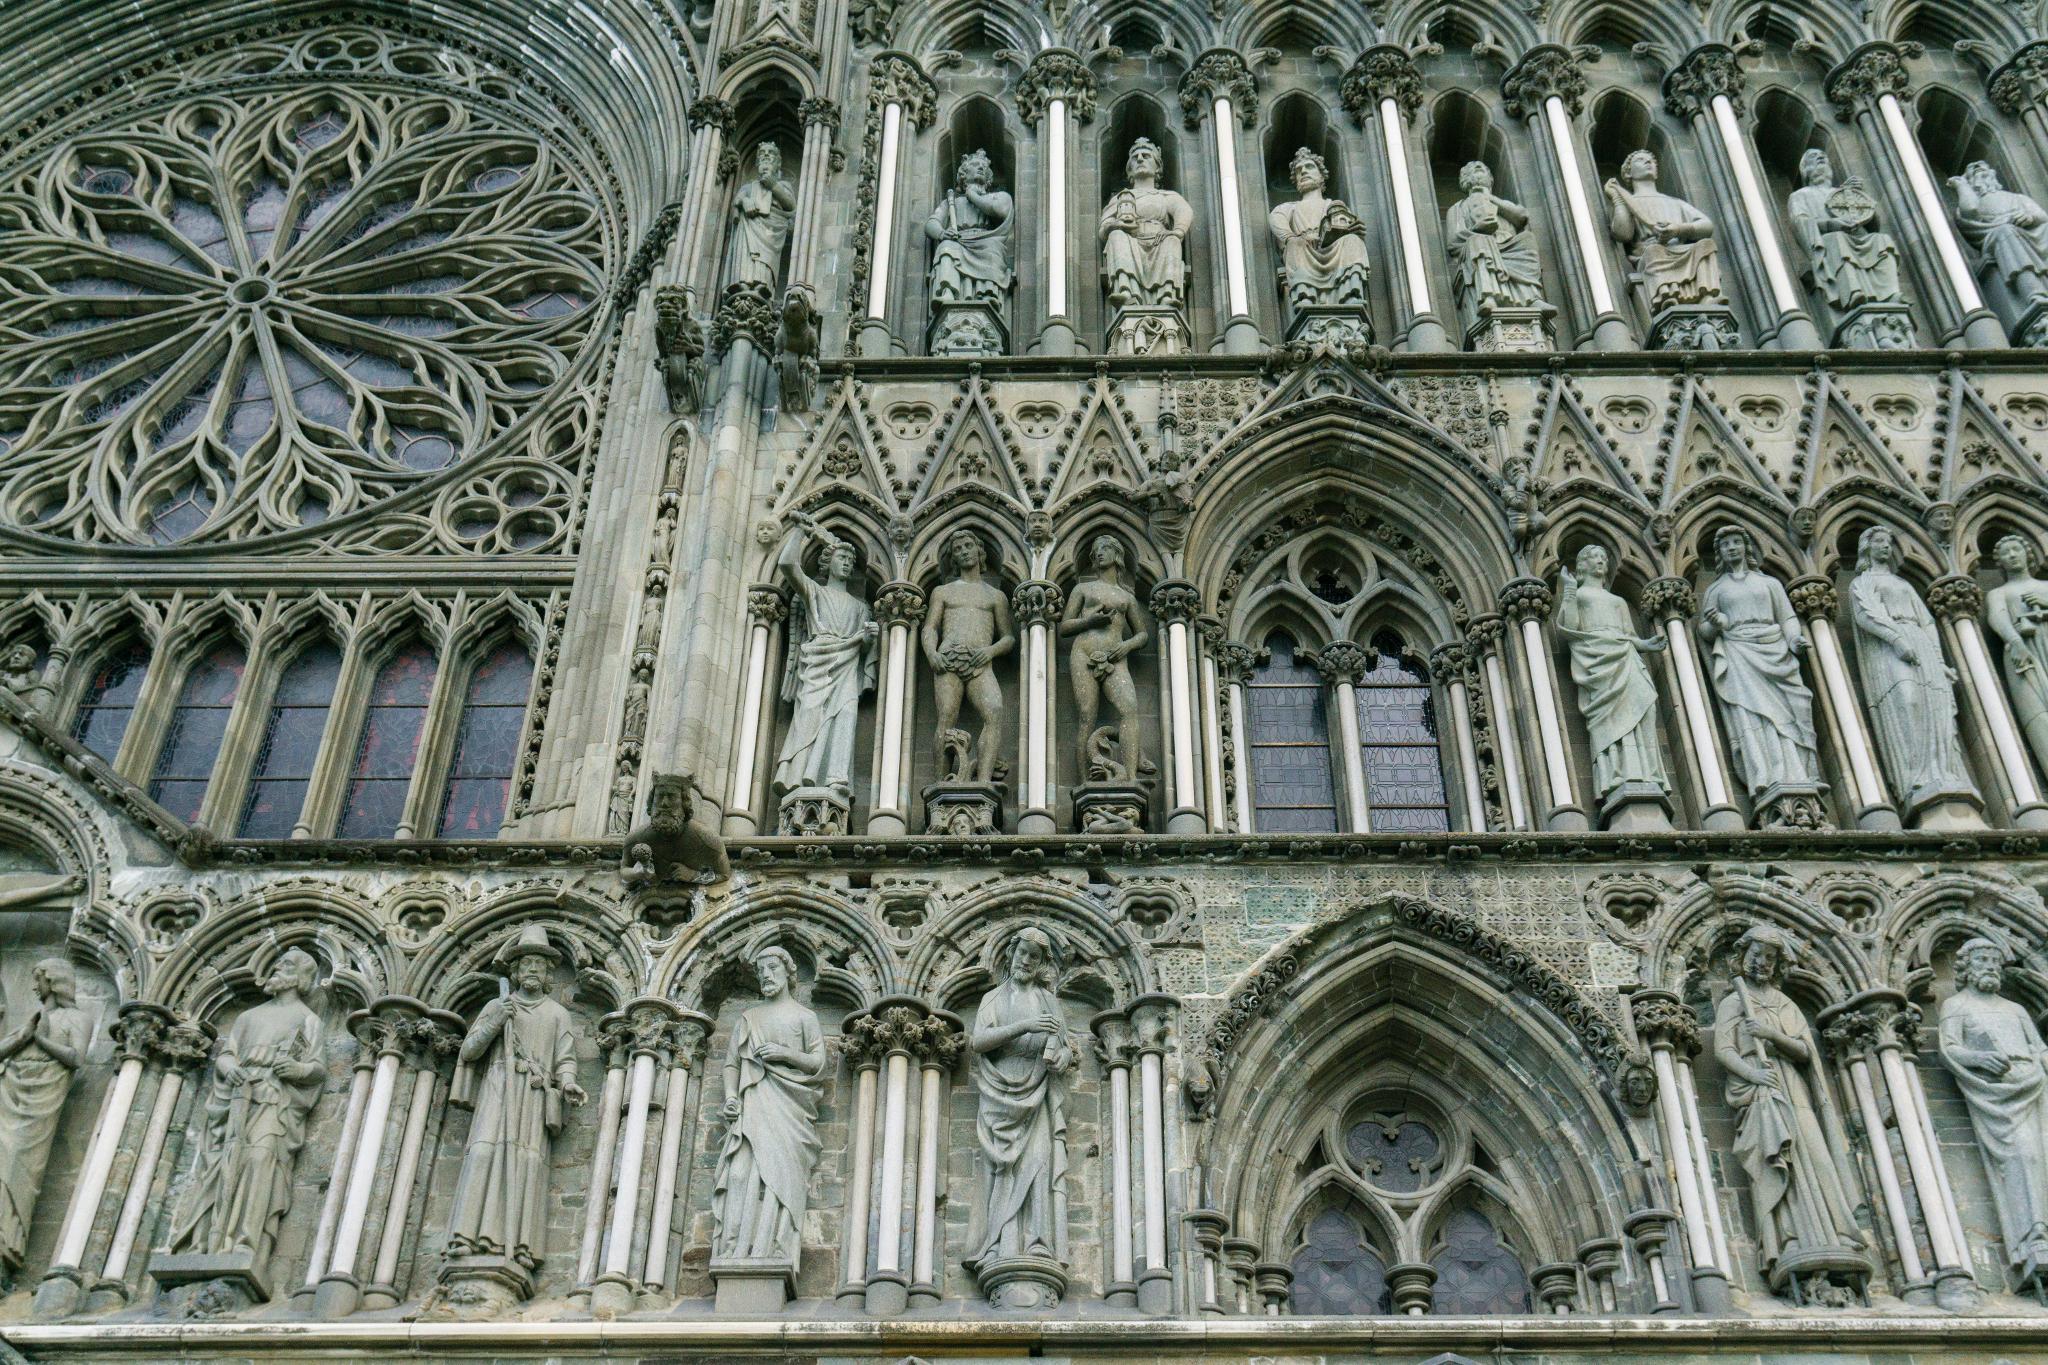 【北歐景點】拜訪維京王的千年古城 - Trondheim 特隆赫姆景點懶人包 24